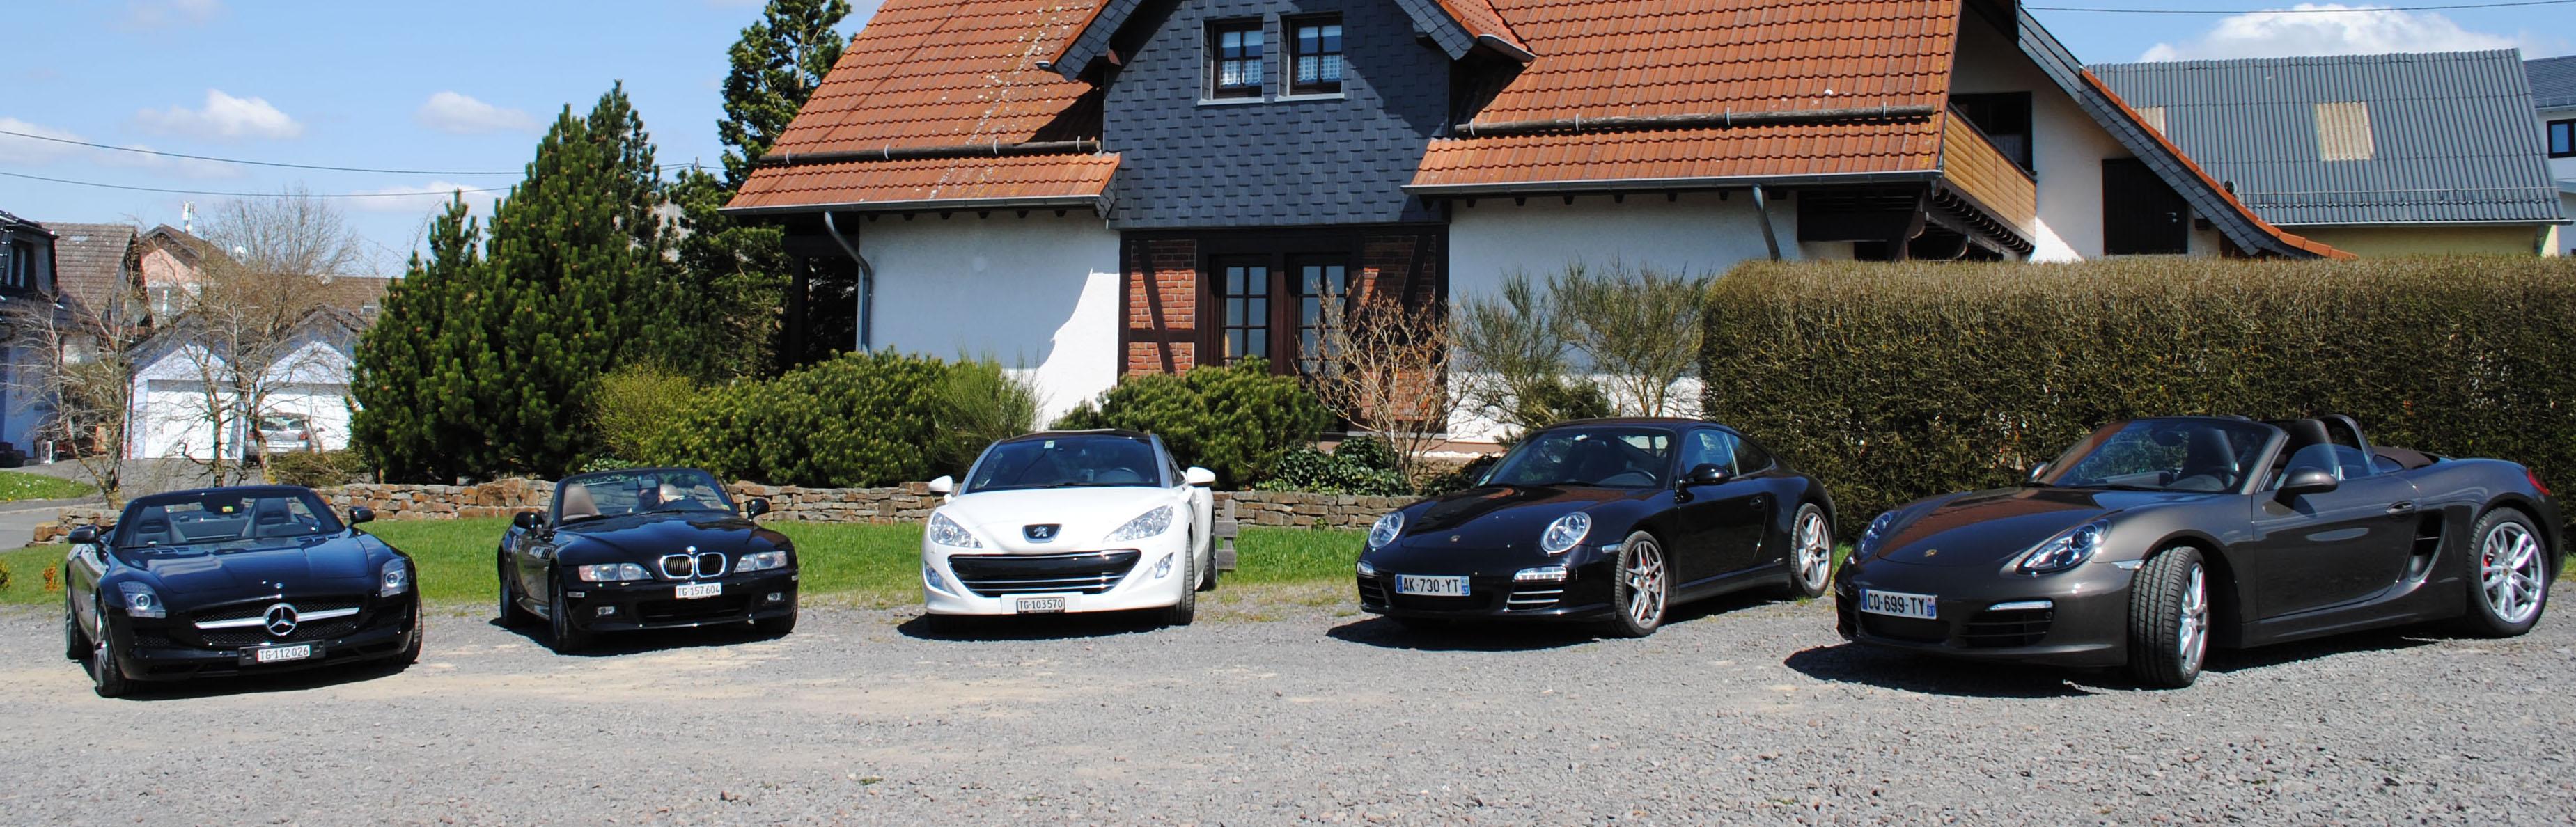 Nurburgring parking hotel